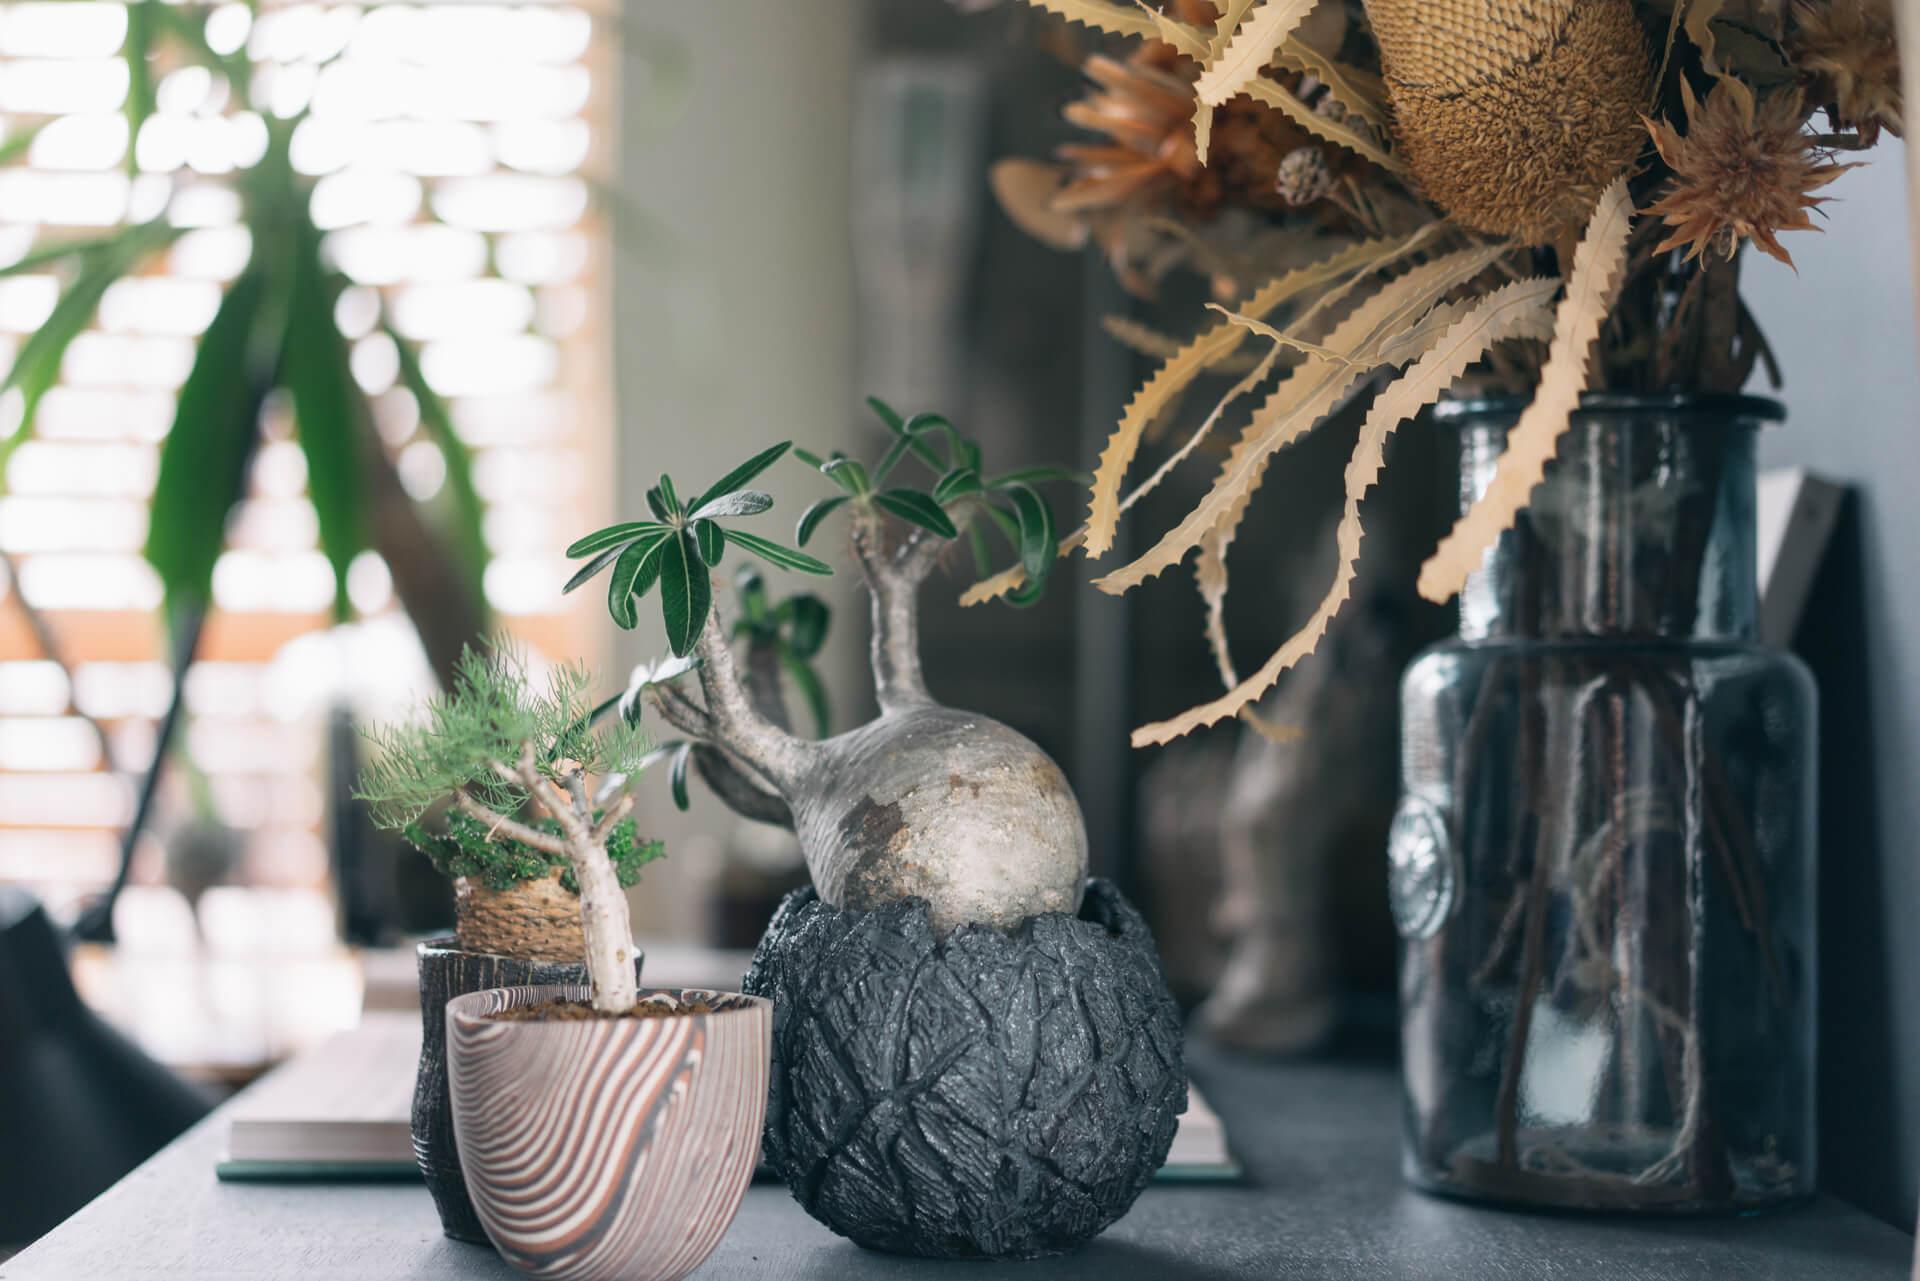 塊根植物など、ちょっと珍しい種類のものもたくさんありました。あ、この鉢は、goodroom journal でも以前紹介した「TOKY(https://www.goodrooms.jp/journal/?p=17092)」さんのものですね。